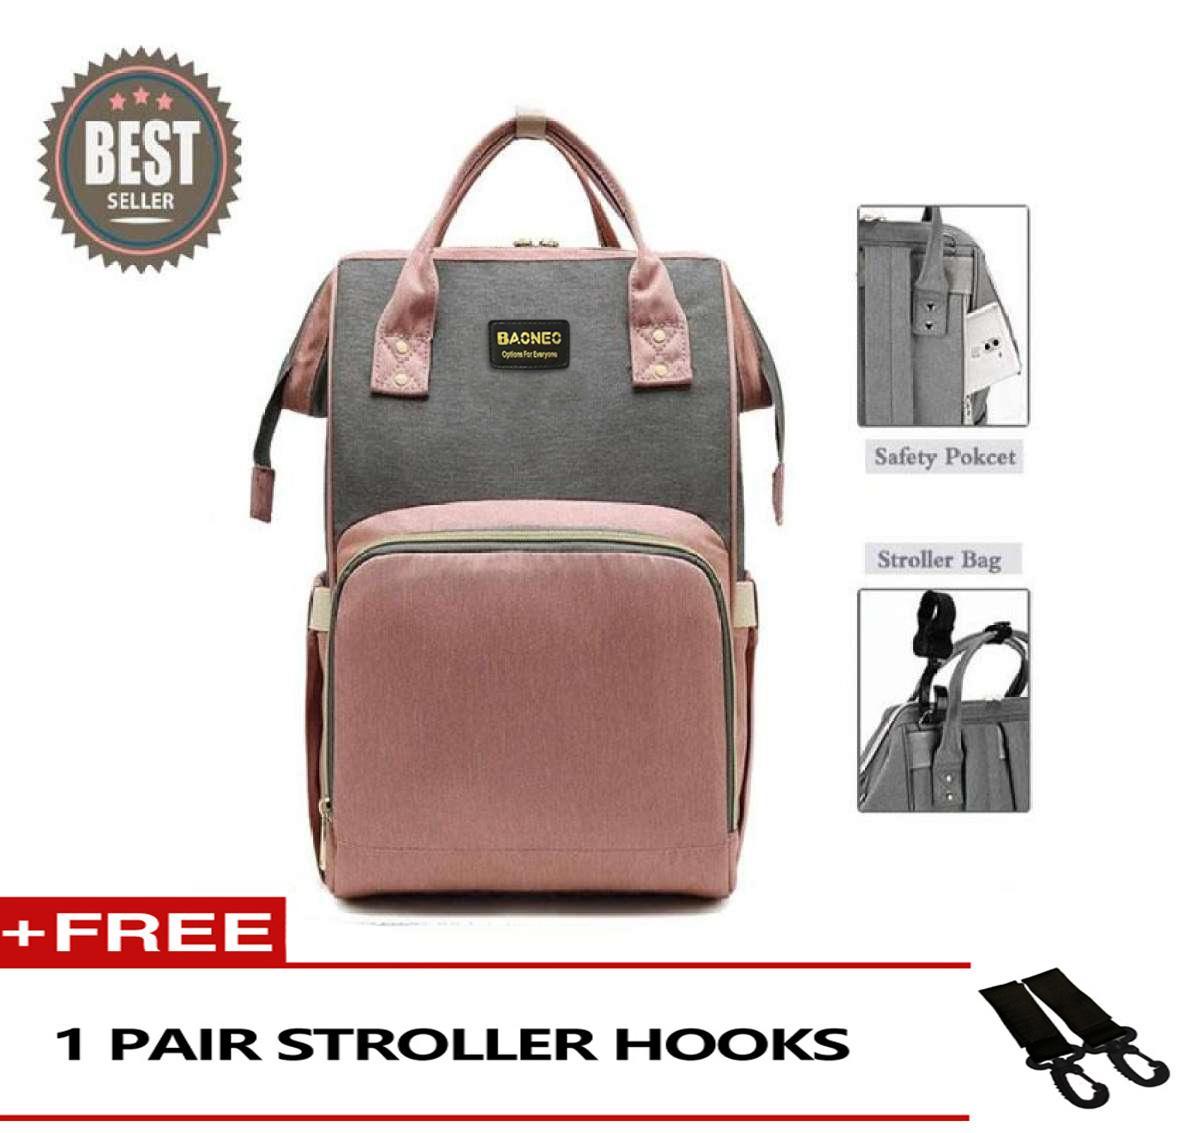 0f33aec1b31 New Upgrade Fashion Mummy Maternity Nappy Bag Large Capacity Baby Bag  Travel Backpack Designer Nursing Bag